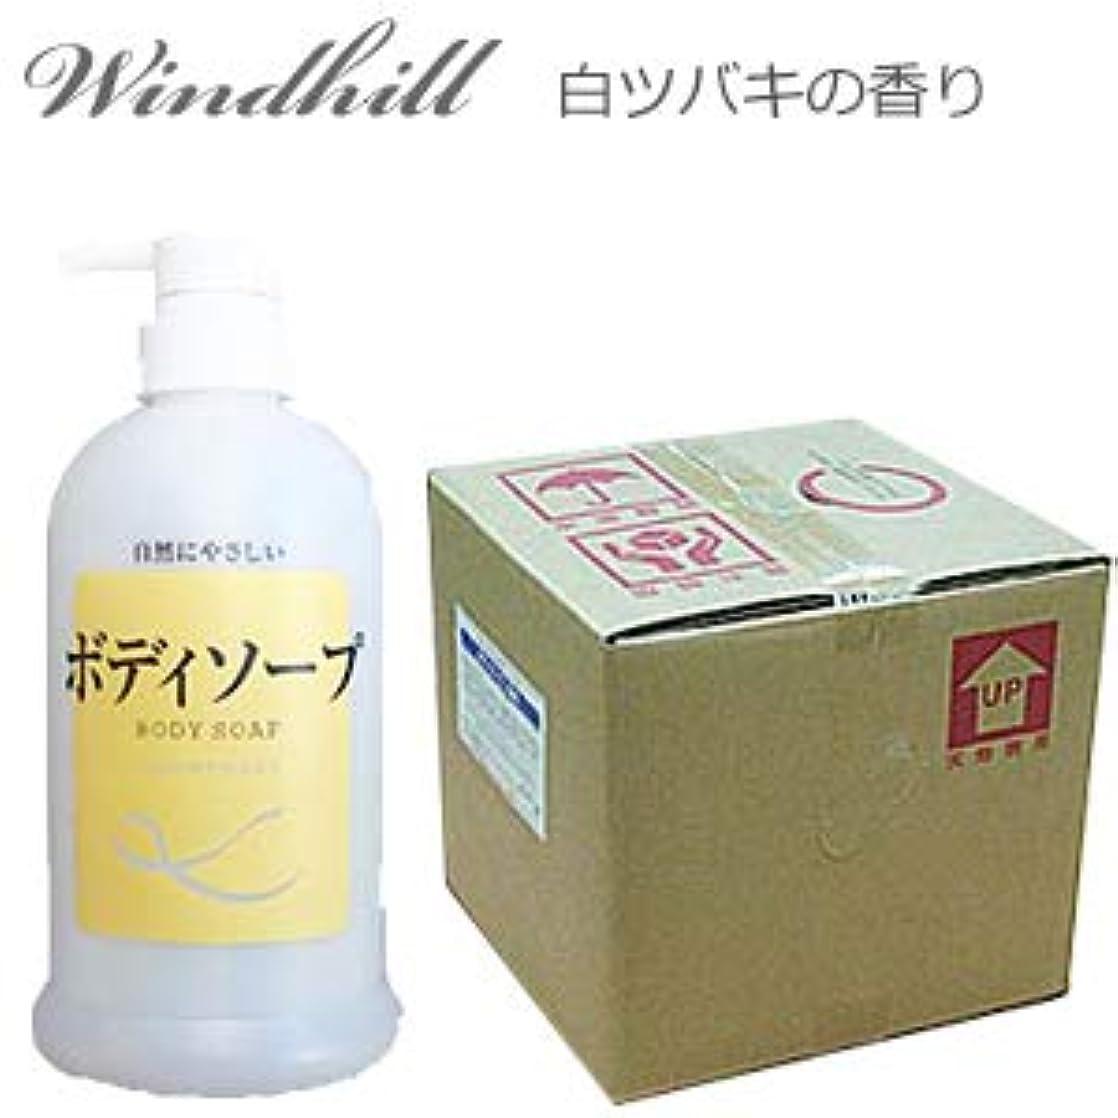 花婿検査官手首なんと! 500ml当り175円 Windhill 植物性 業務用 ボディソープ  白ツバキの香り 20L